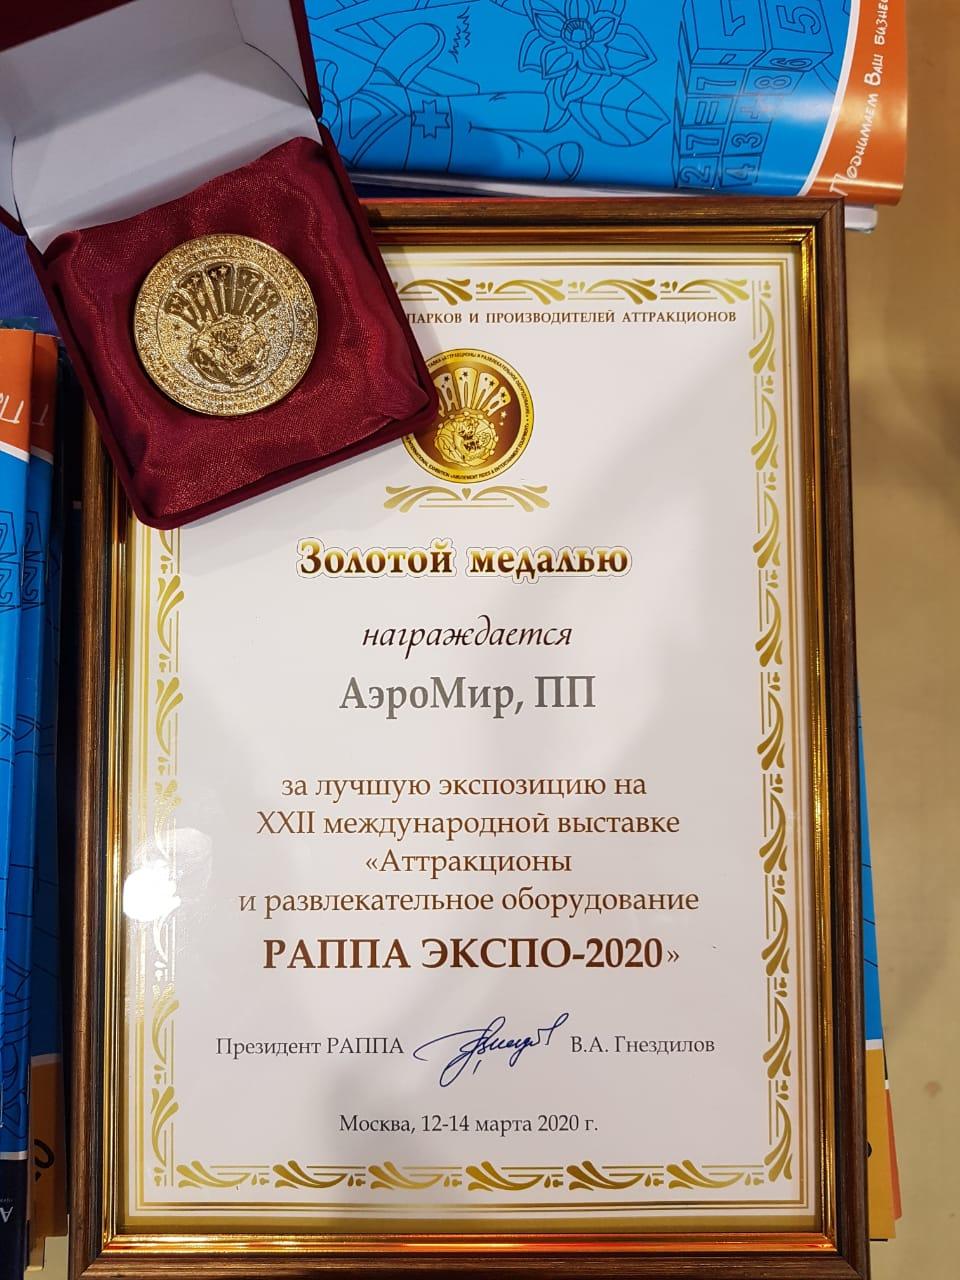 Золотая медаль РАППА-Экспо Весна 2020